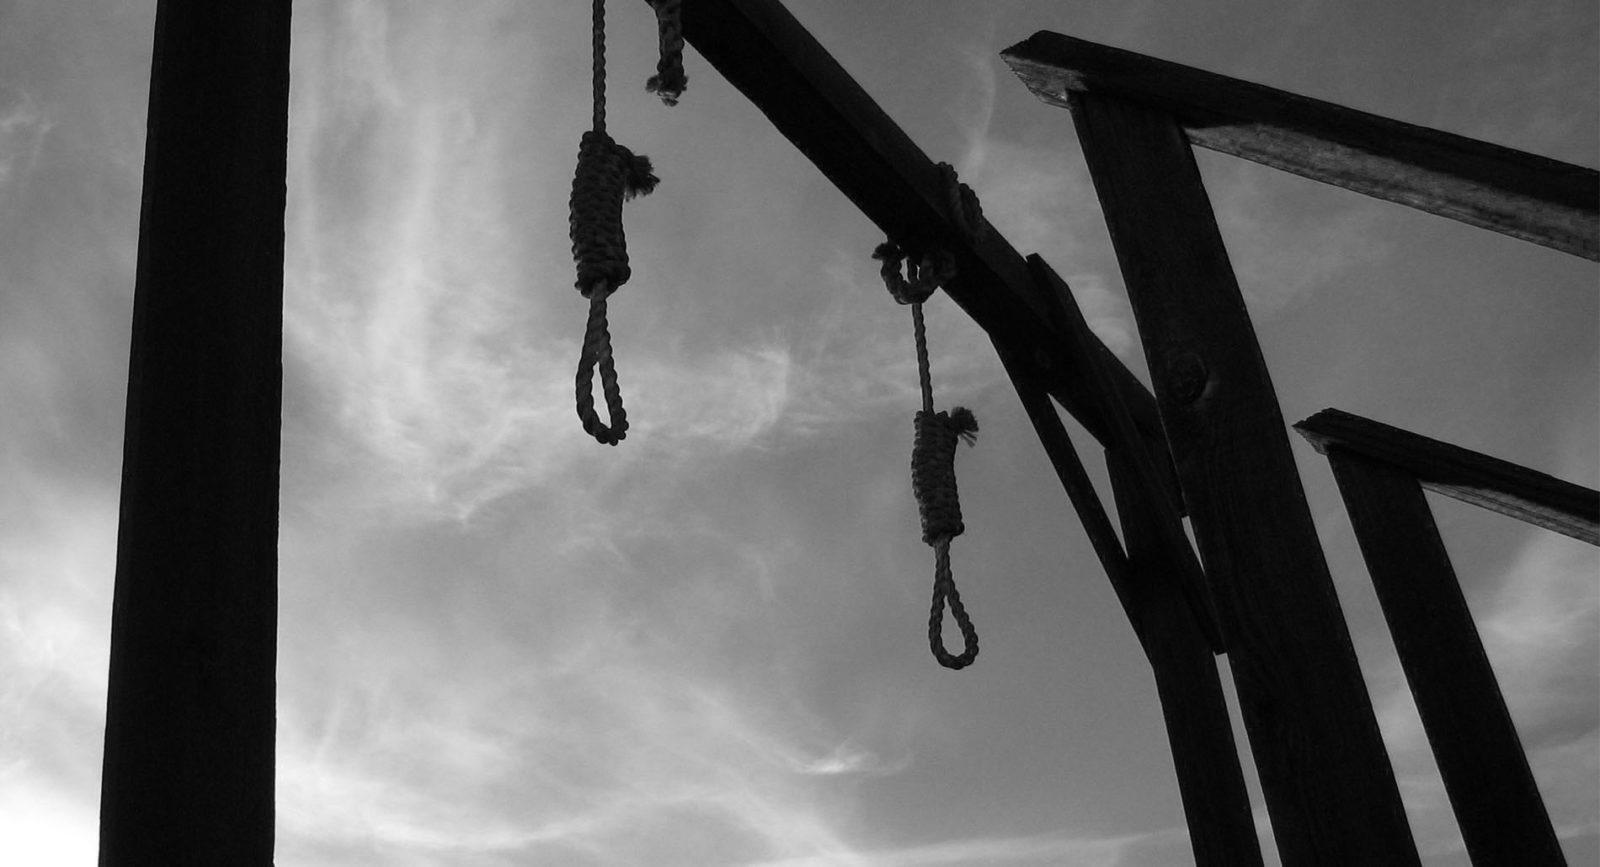 ایراندا «فارس کؤرفزینین تیمساهی» لقبلی نارکوبارون اعدام اولوندو